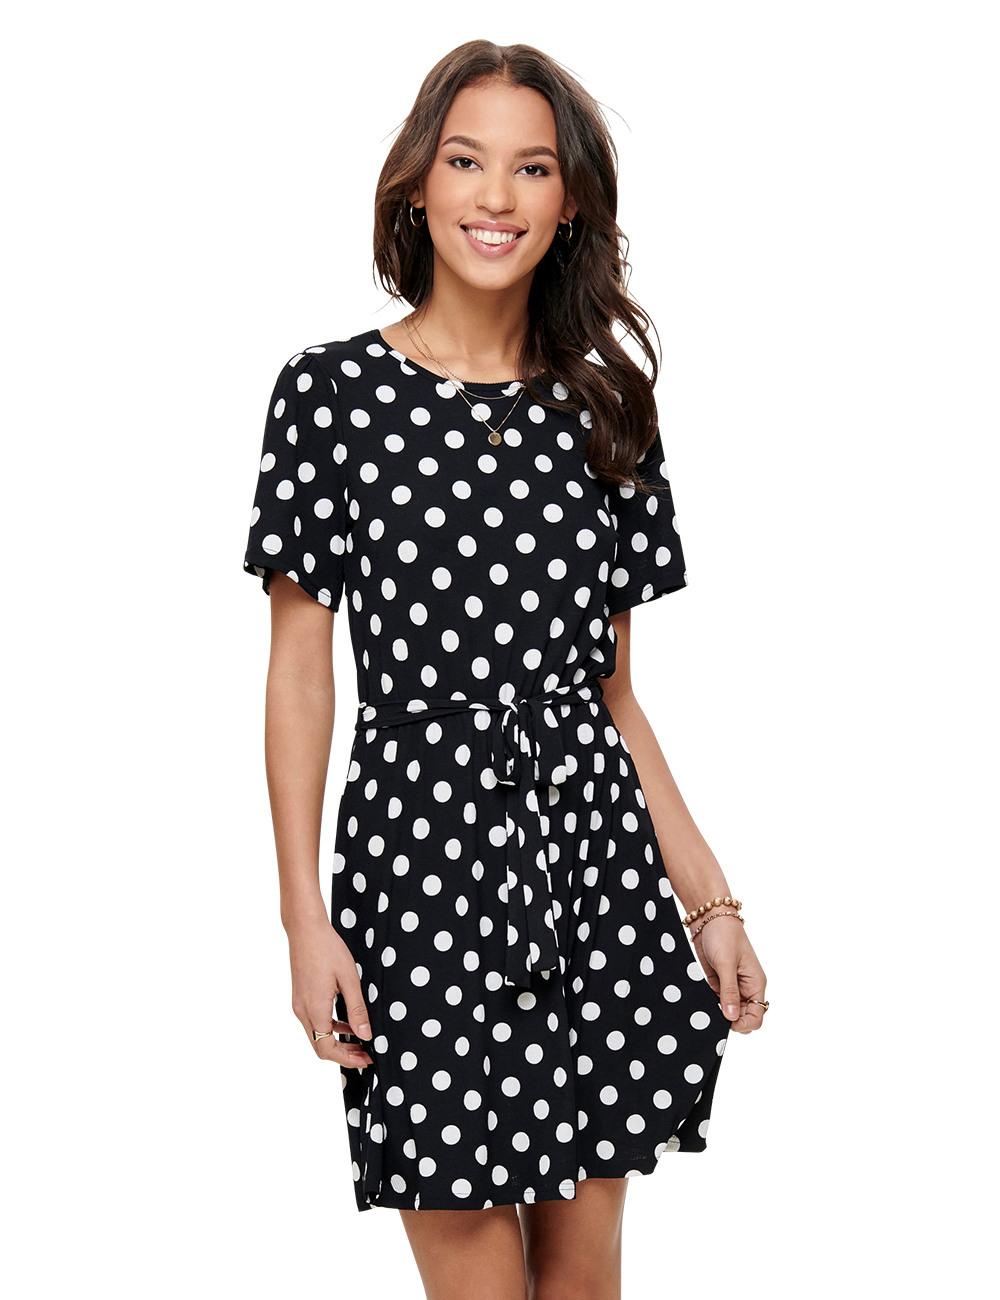 20 Cool Kleid Mit Punkten Ärmel10 Luxurius Kleid Mit Punkten Stylish